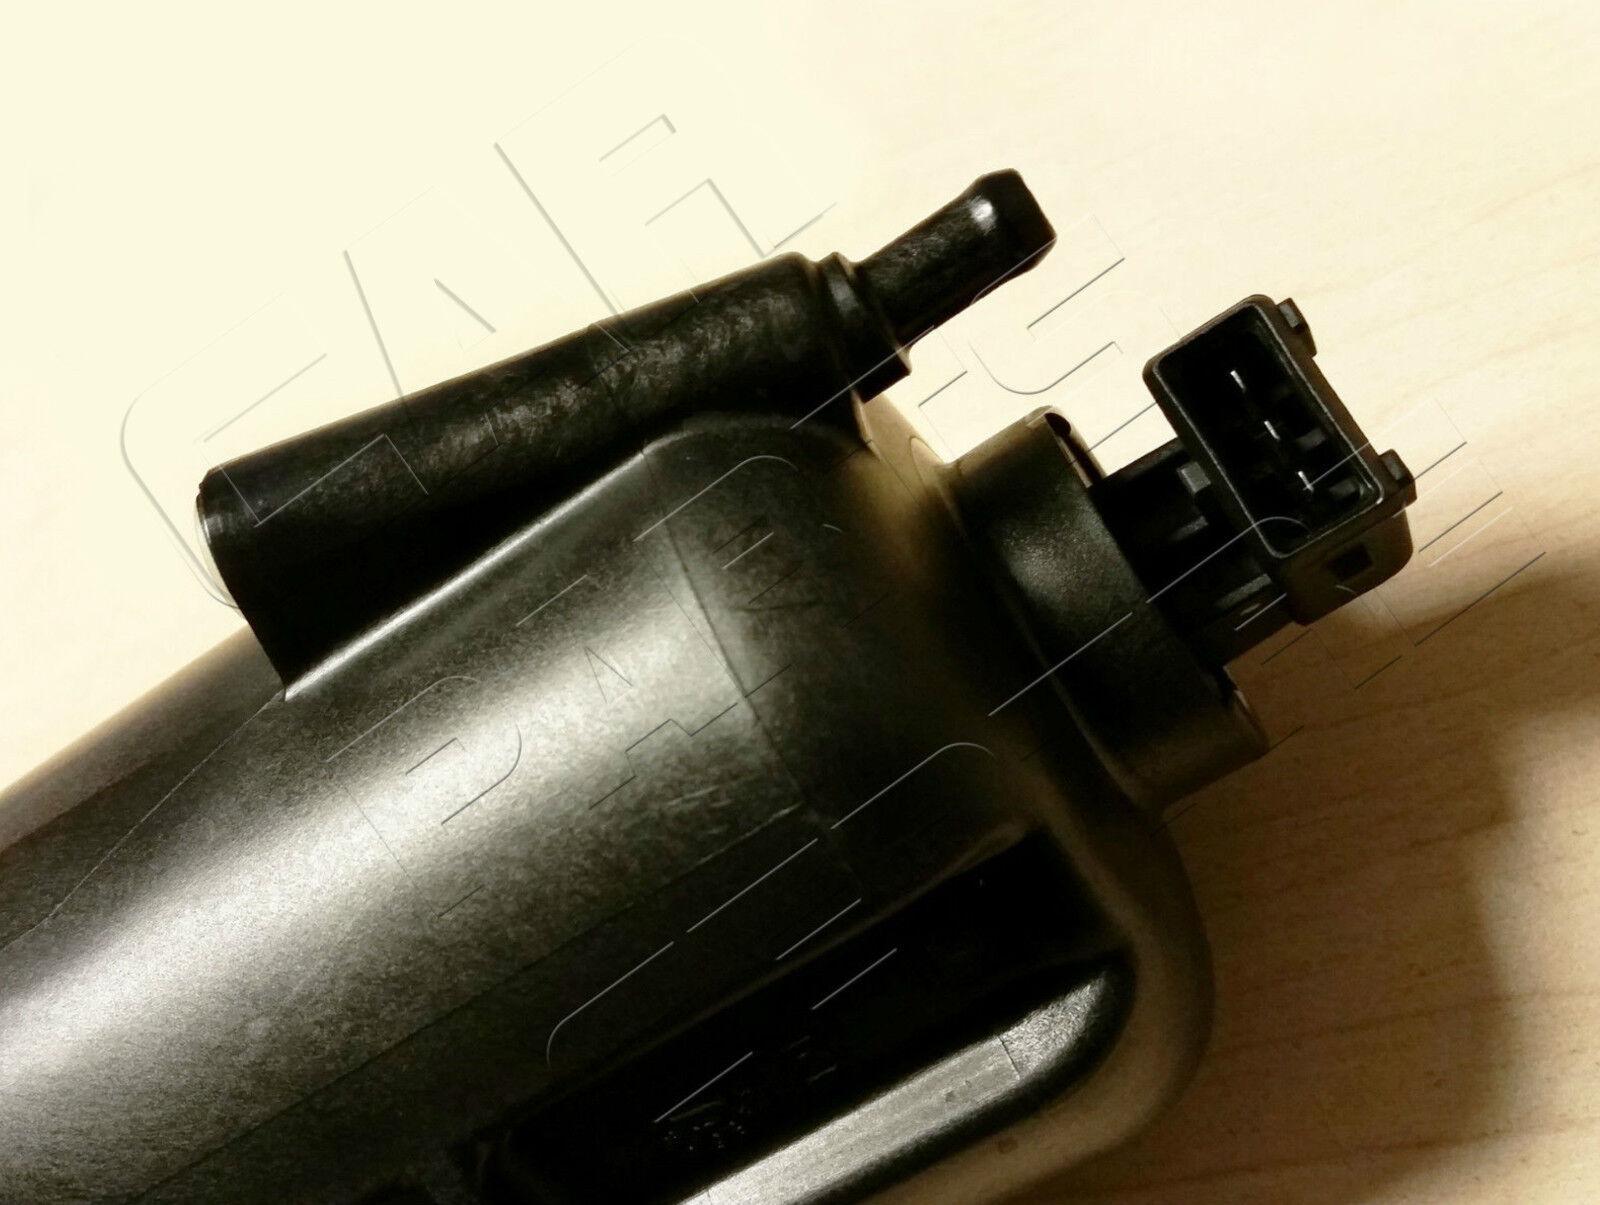 ducato relay boxer 2 3 3 0 diesel jtd hdi multijet fuel